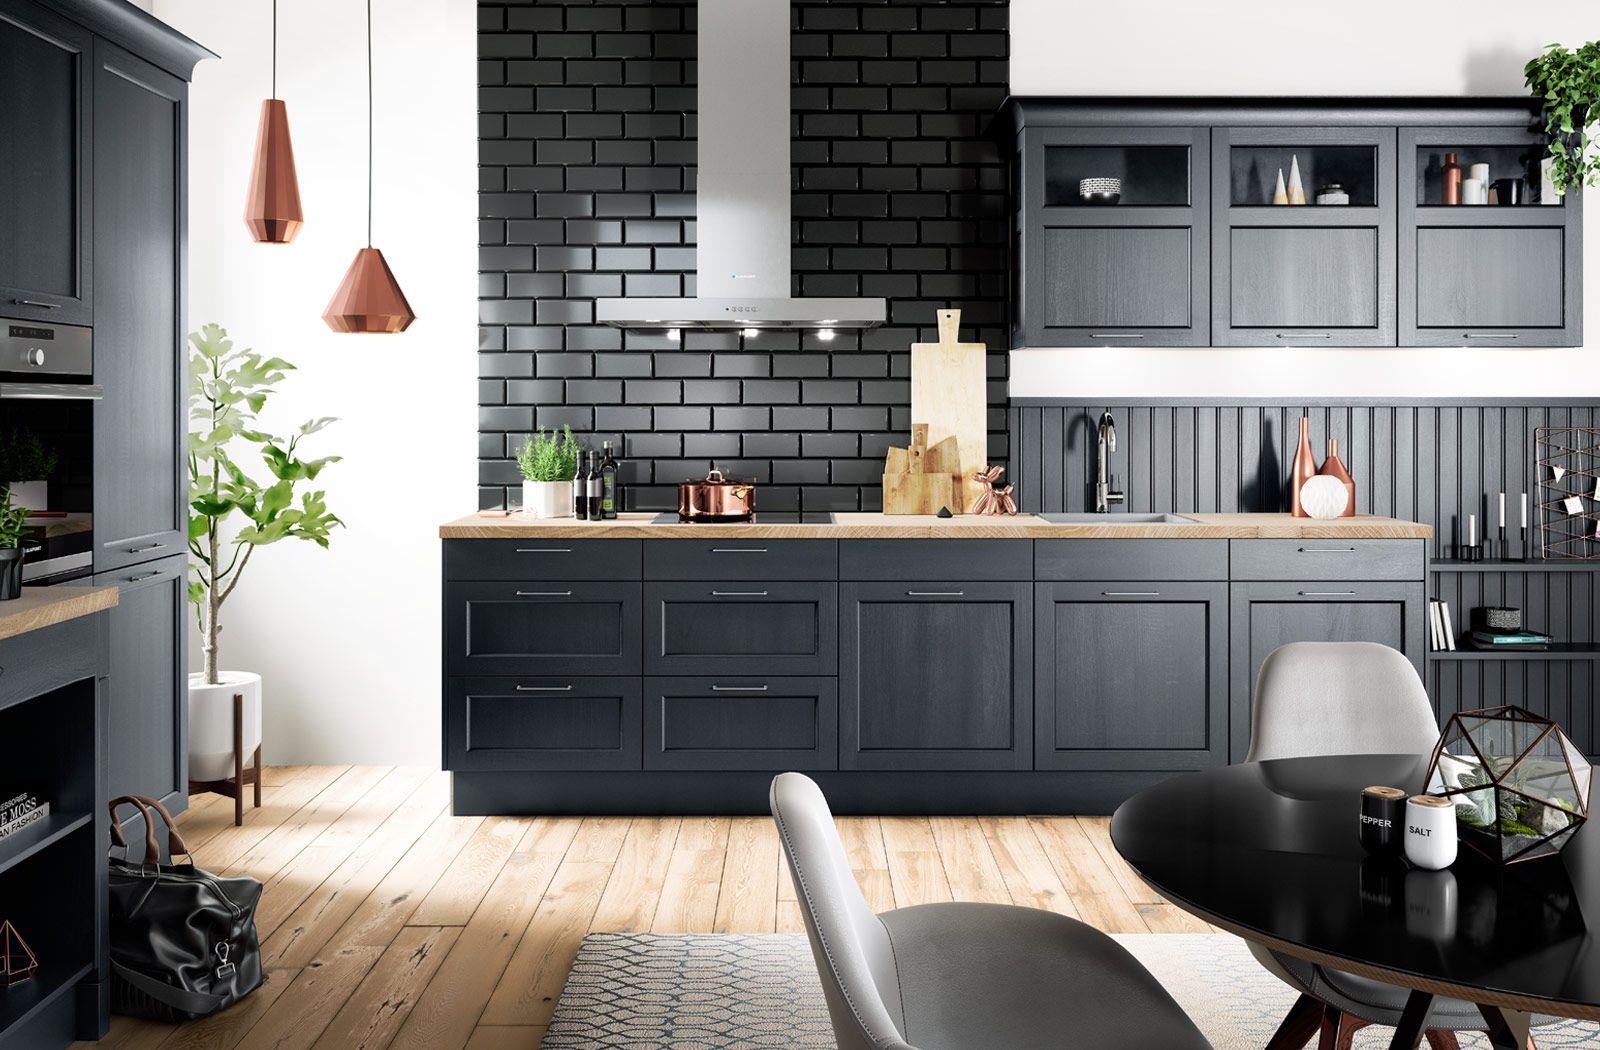 Fantastisch Französisch Küche Aufkantung Fotos - Ideen Für Die Küche ...